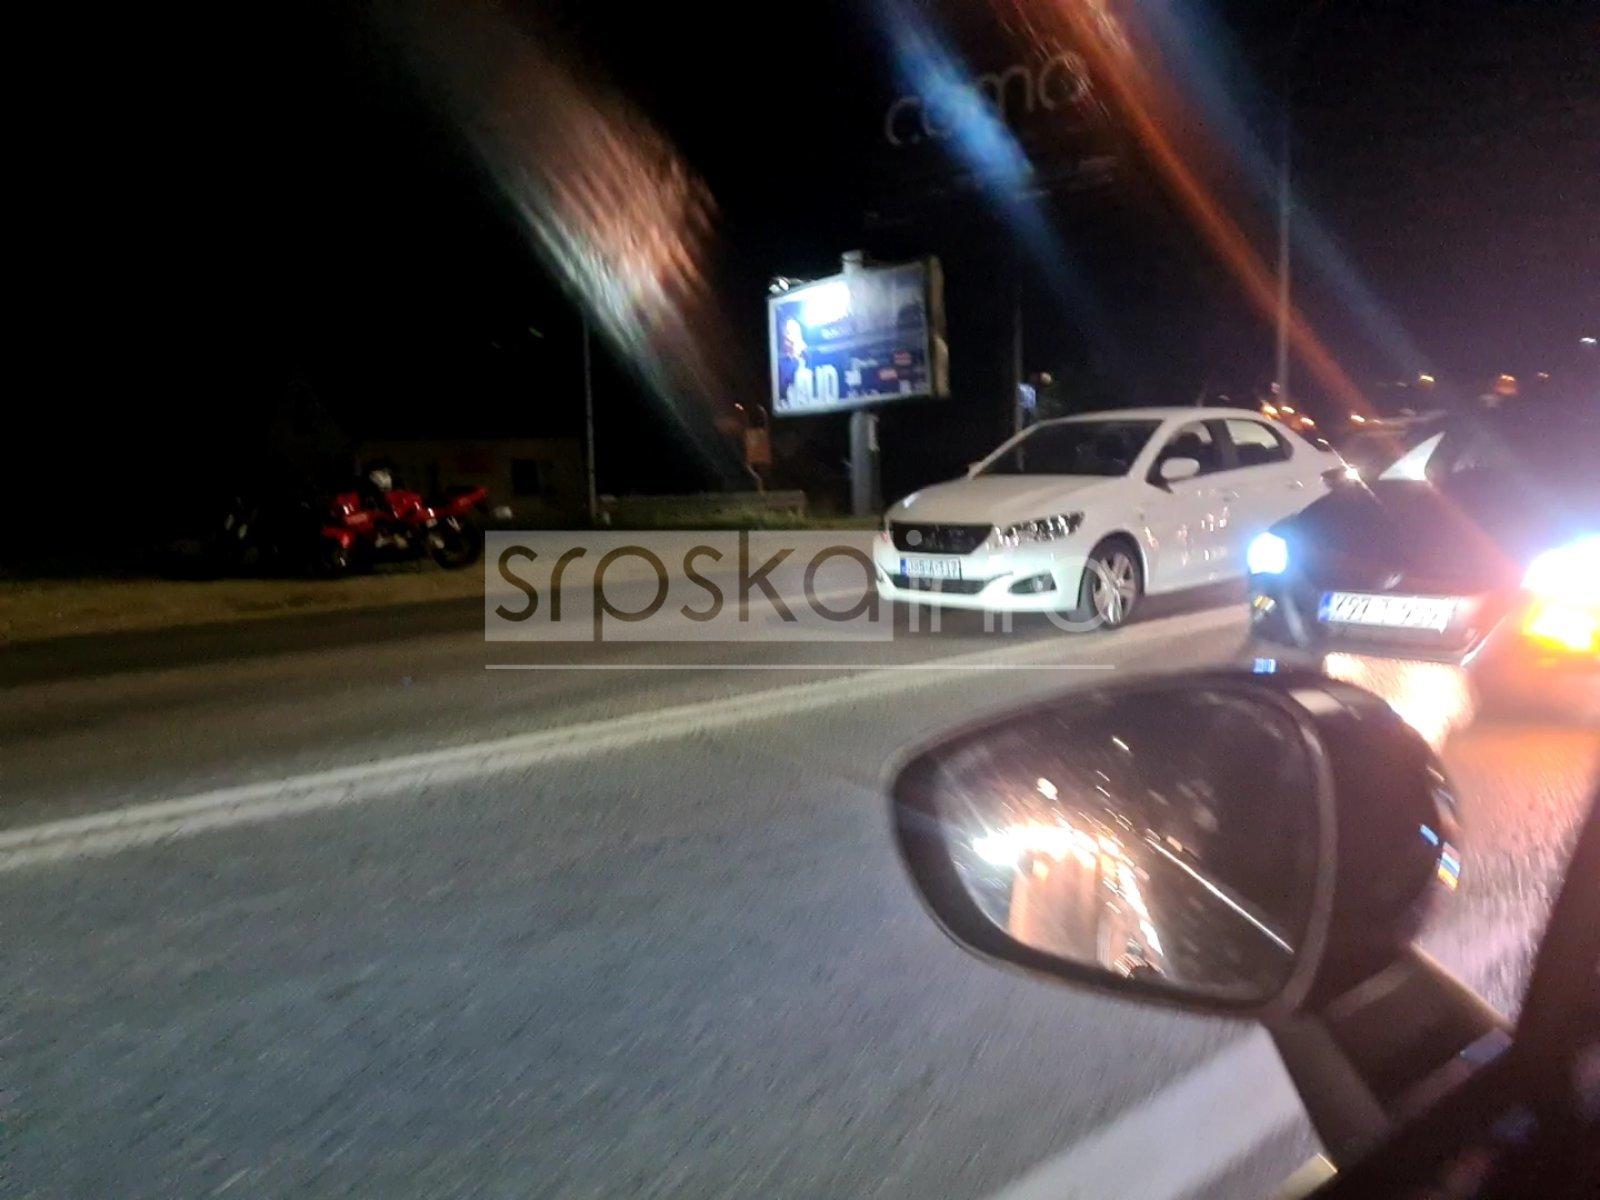 FOTO: Boris Lakić/RAS Srbija